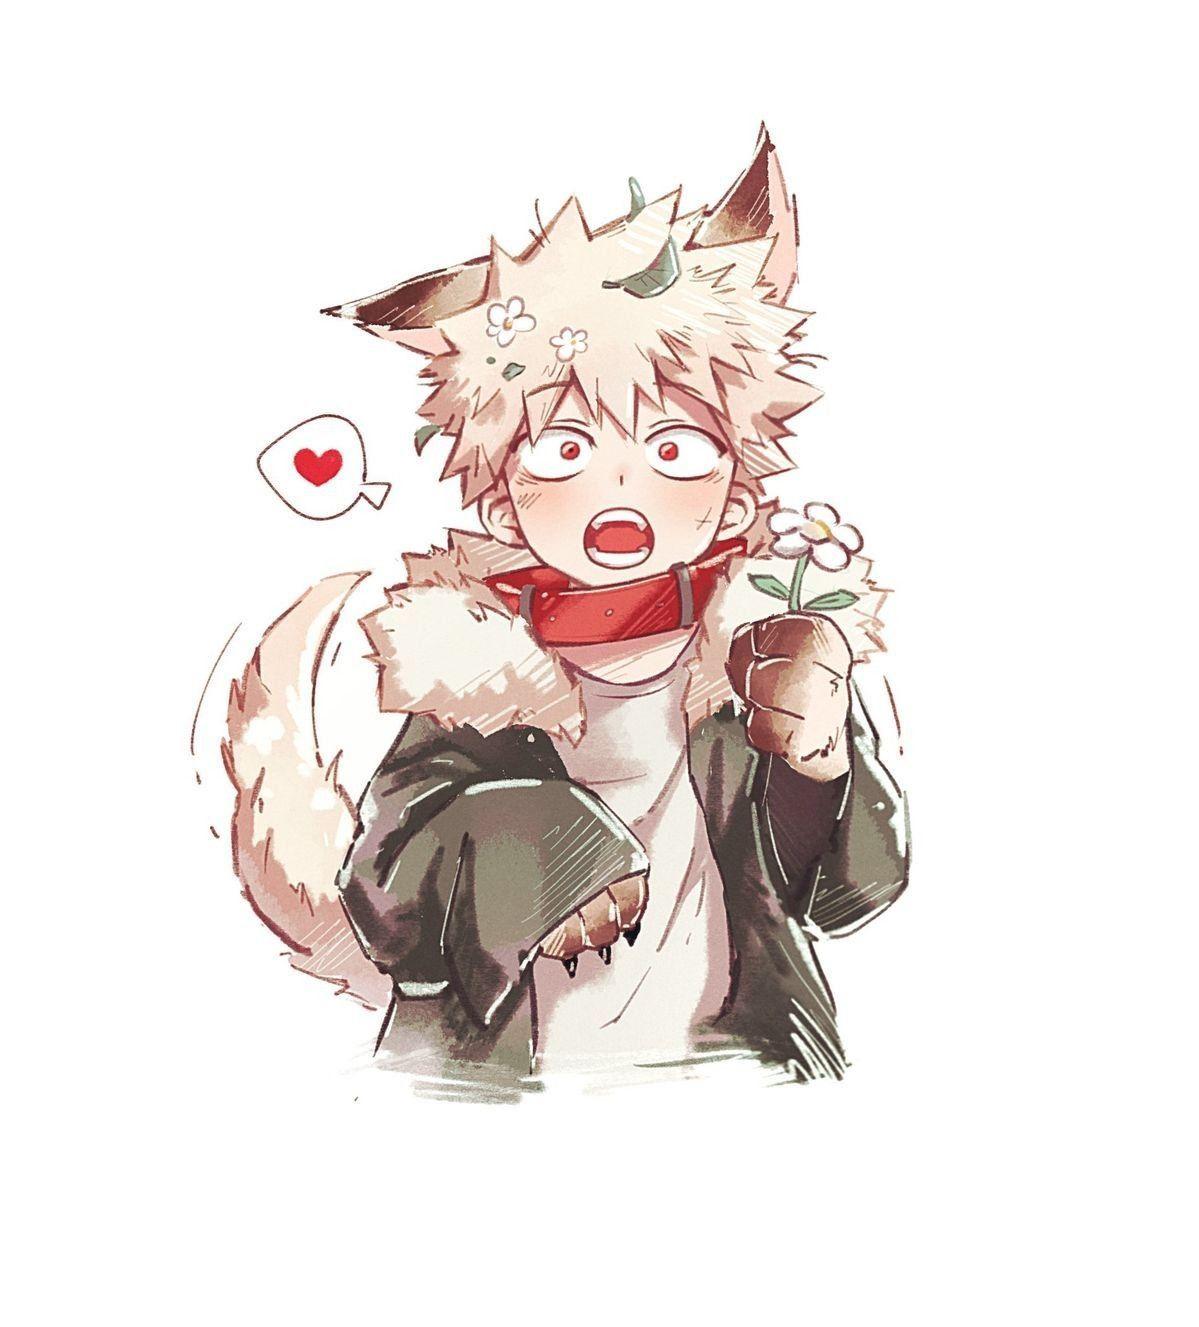 Boku no hero academia one shots [Au] Werewolf! Bakugou X